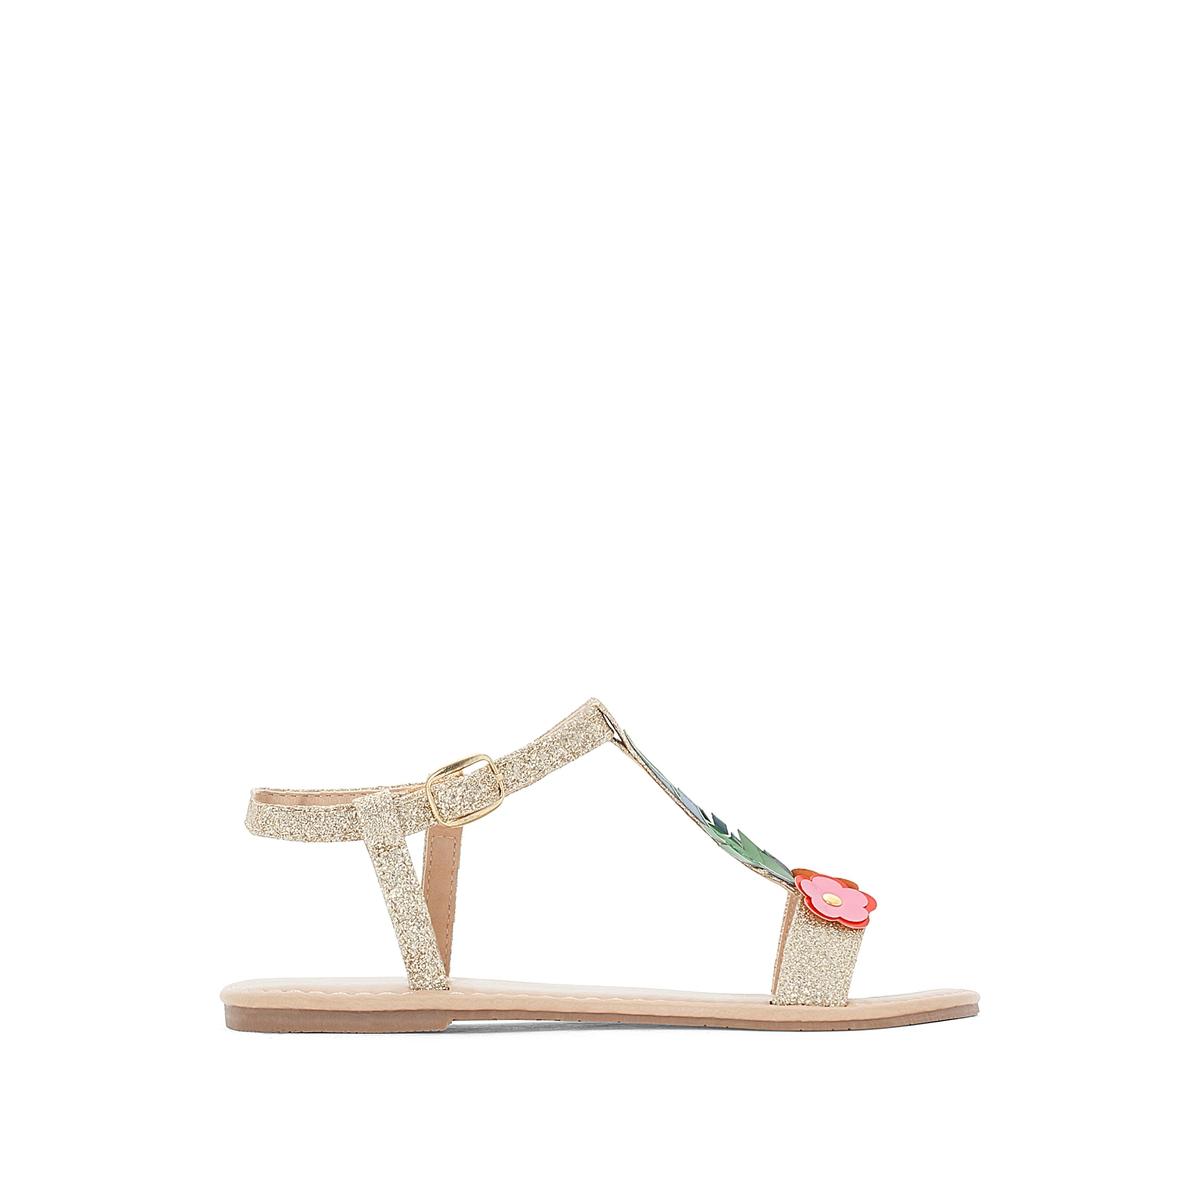 Sandali con paillettes con fiori 28-35